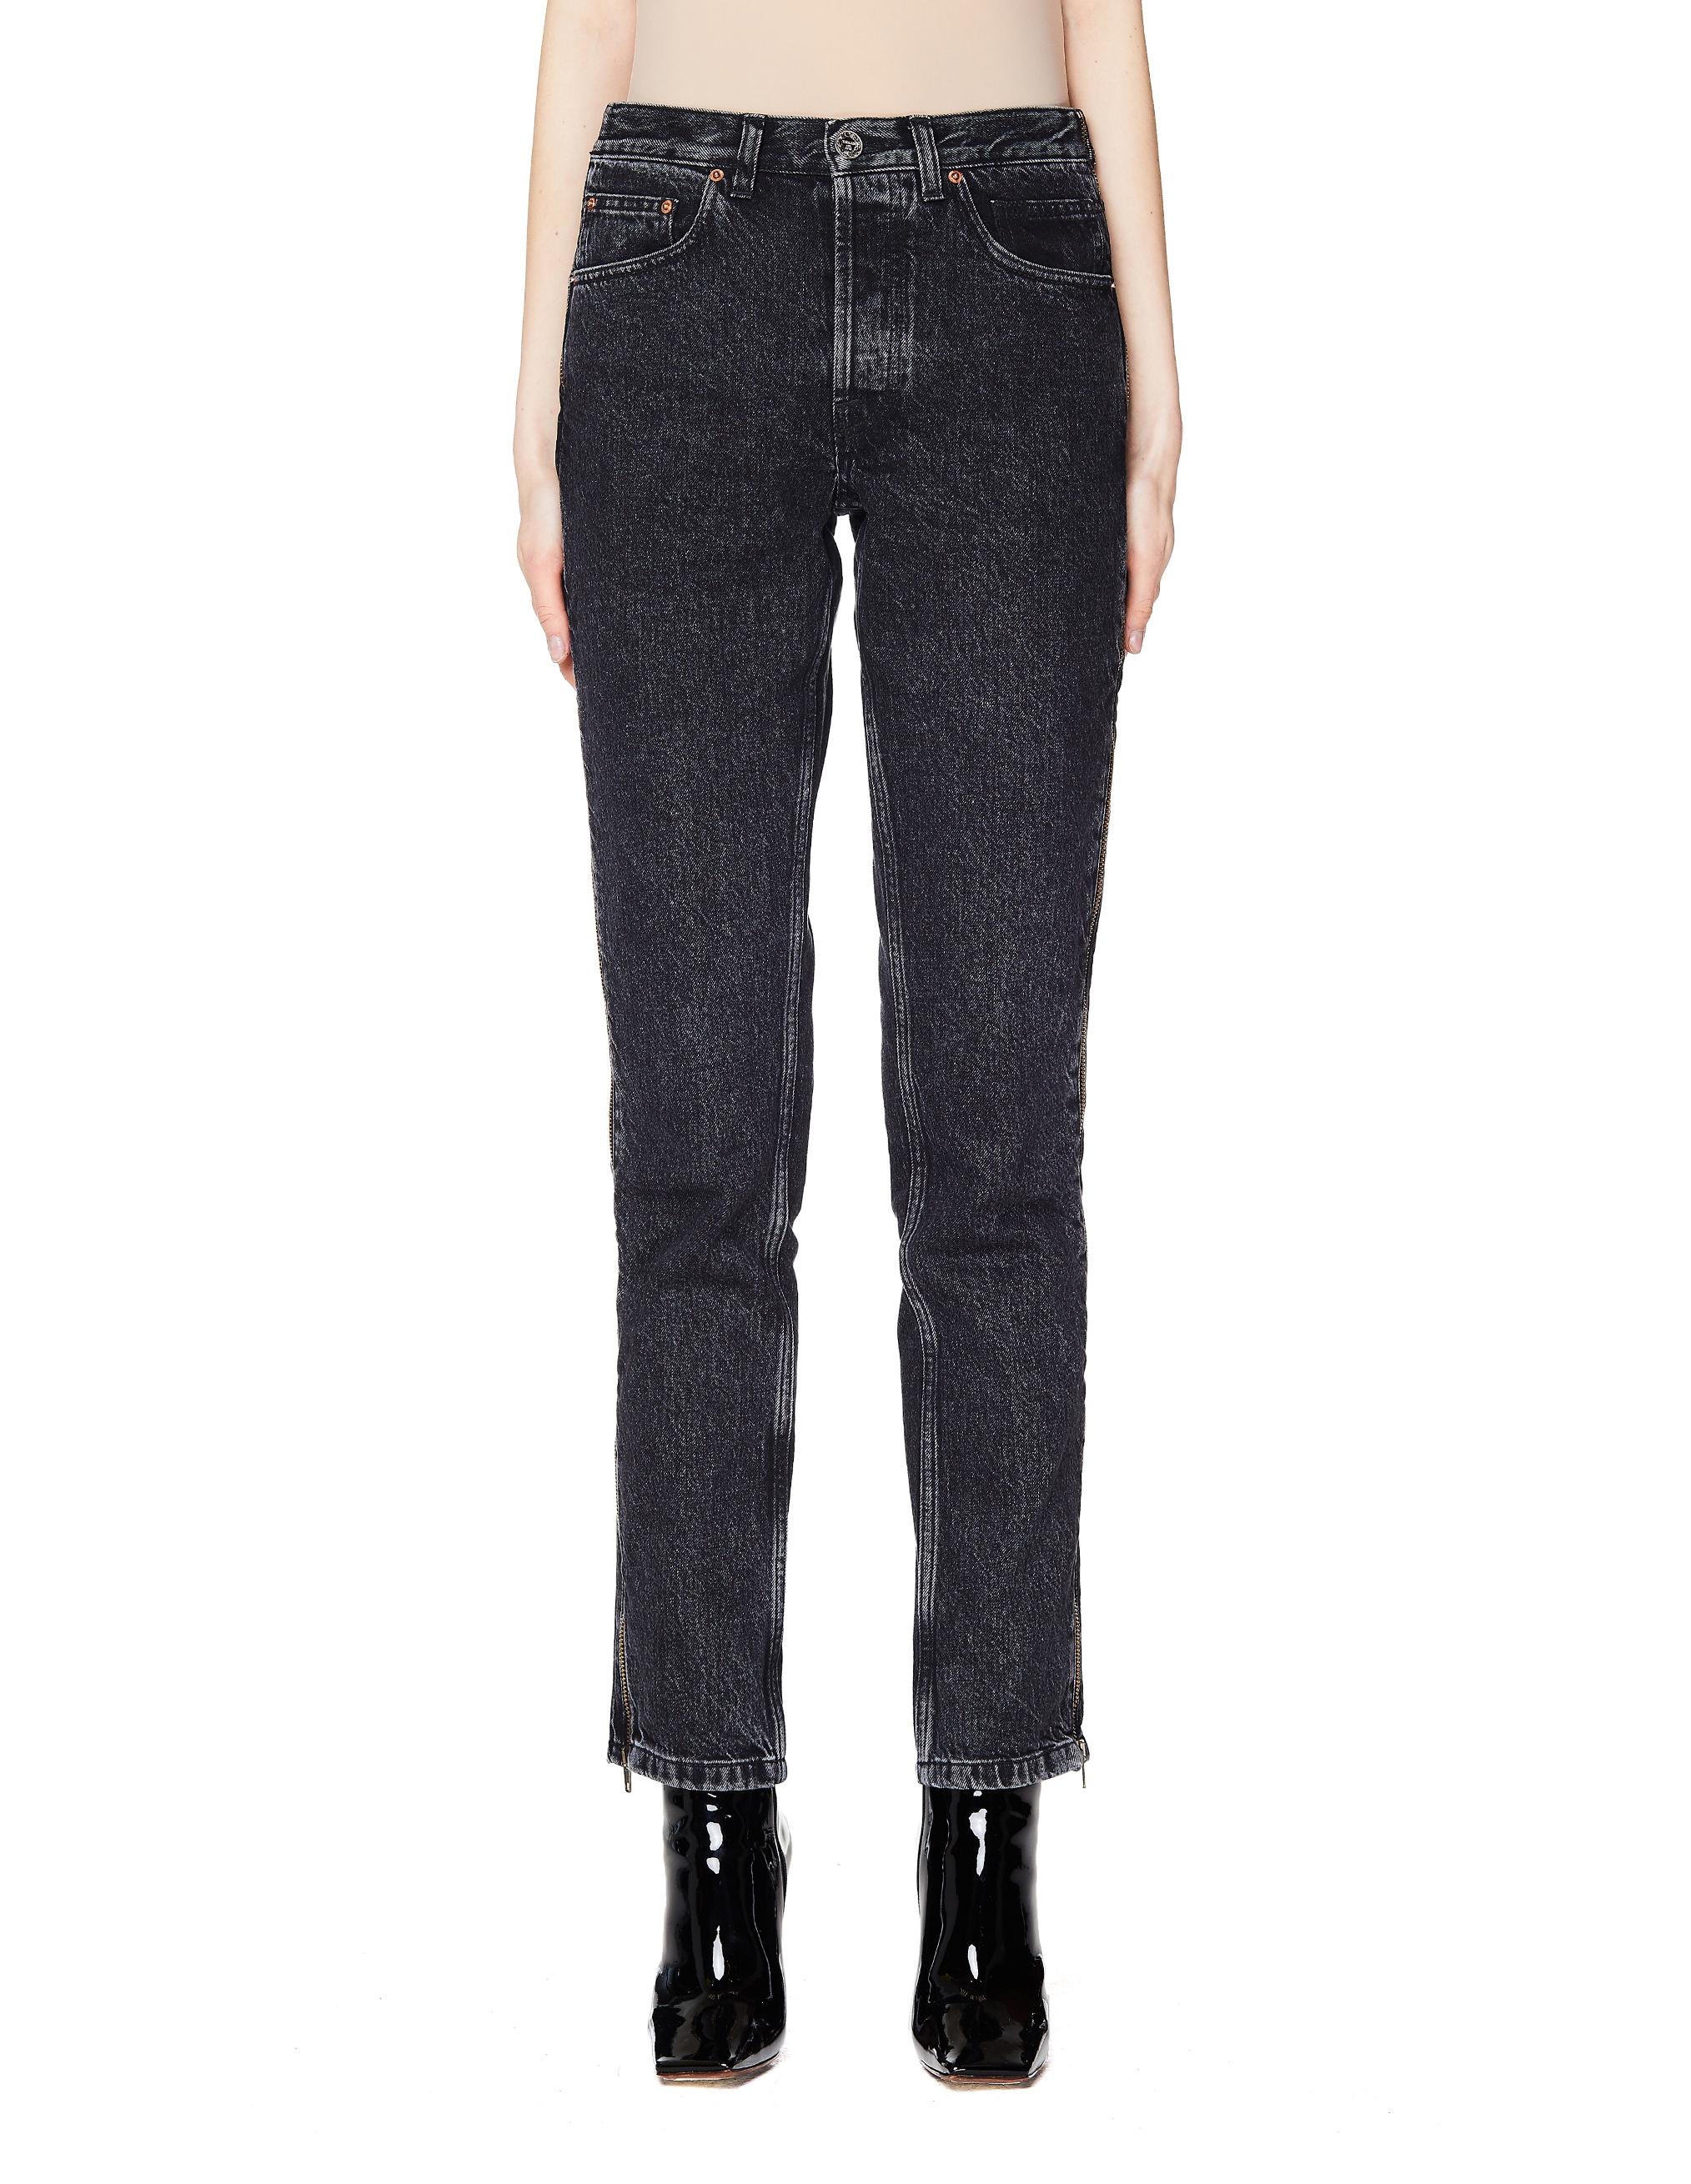 Vetements Black Cotton Side Zip Jeans